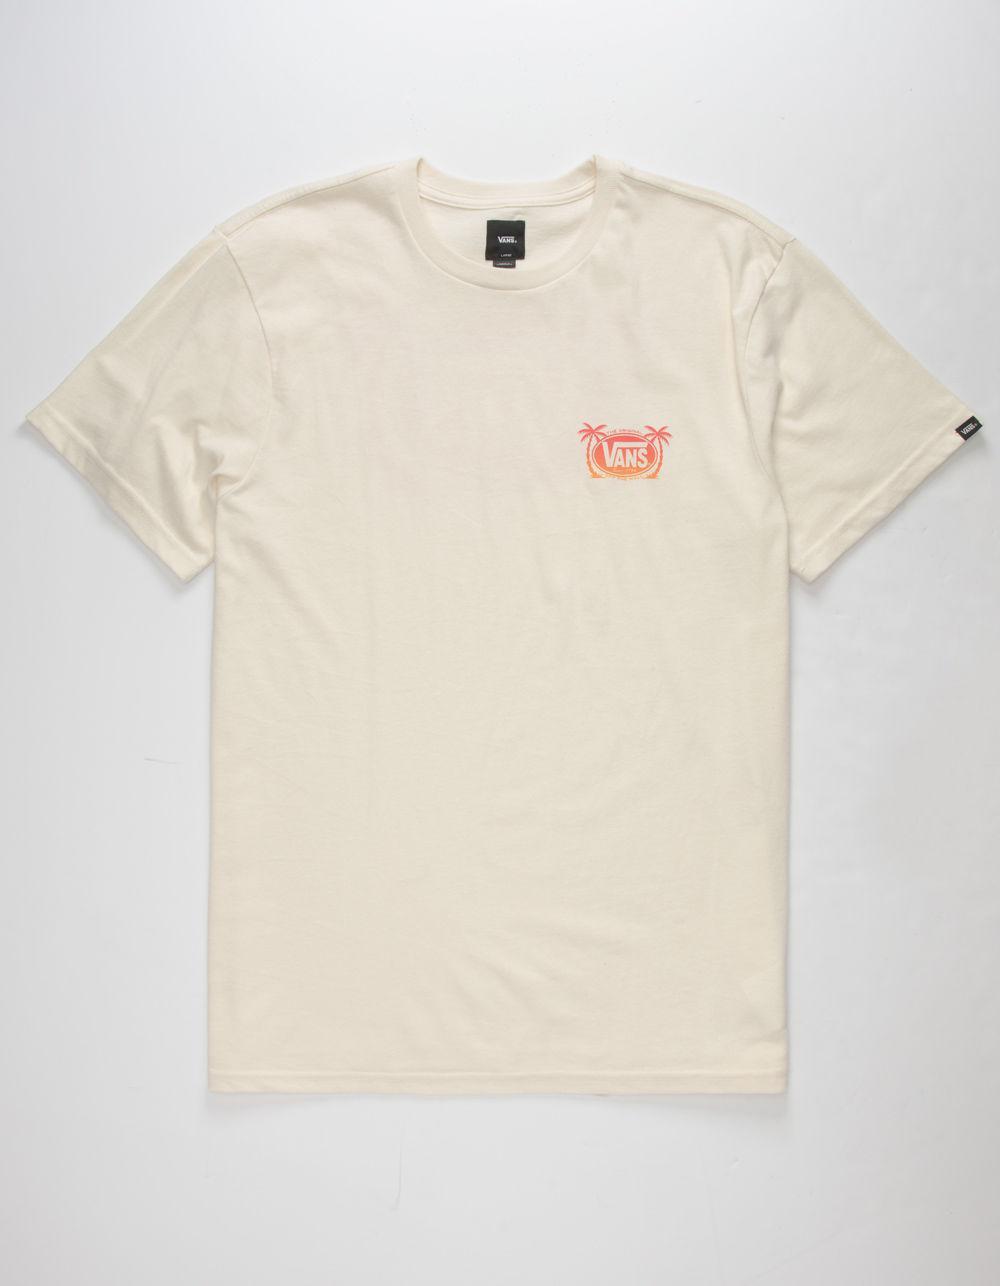 6b864910799e8c Lyst - Vans Oval Palm Mens T-shirt in White for Men